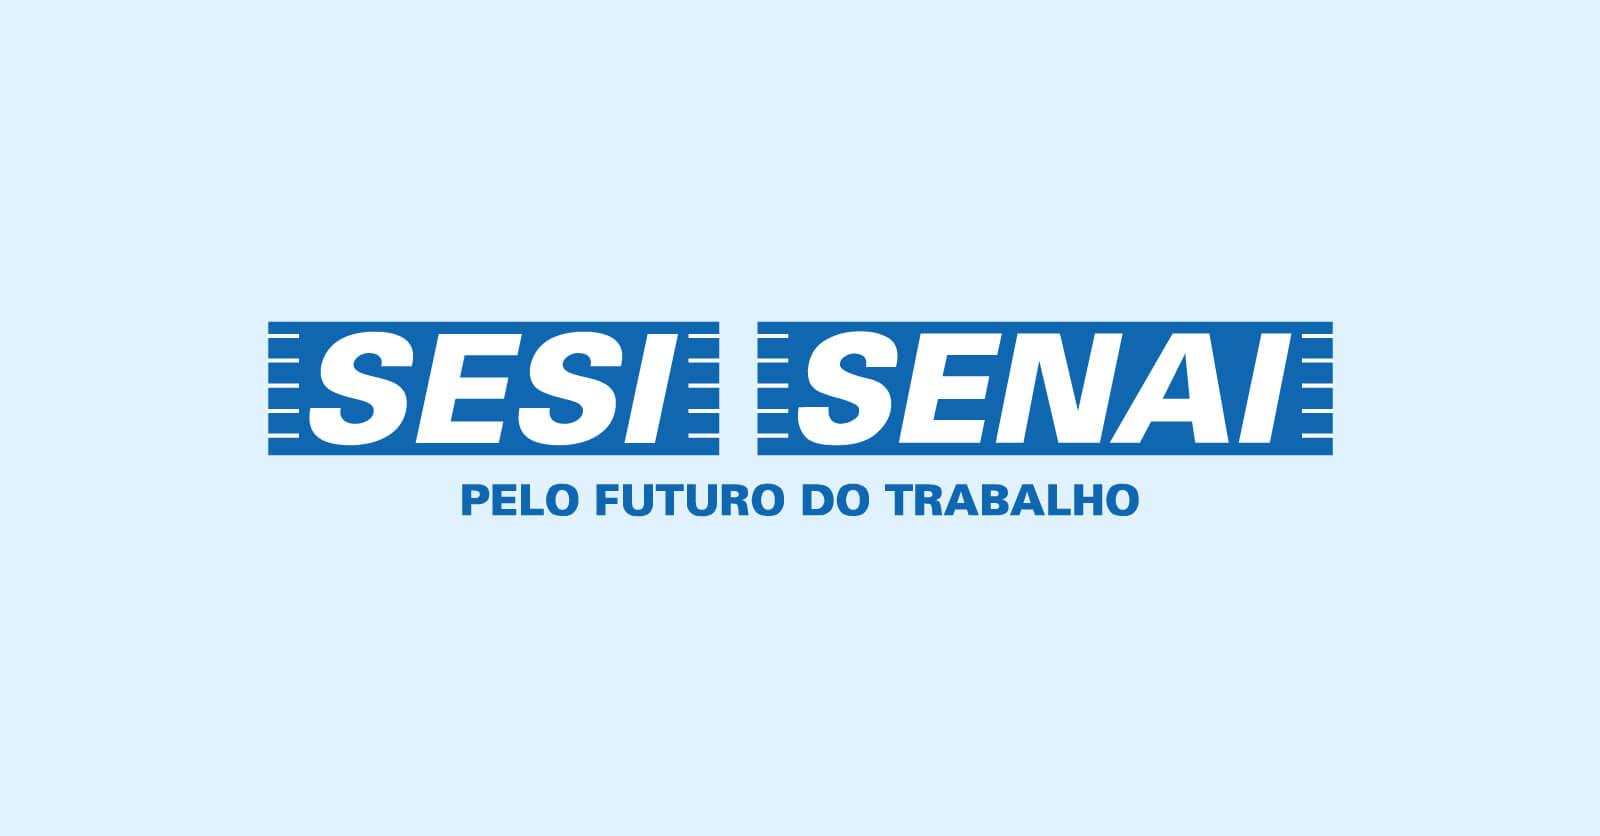 Inscrições SENAI 2022